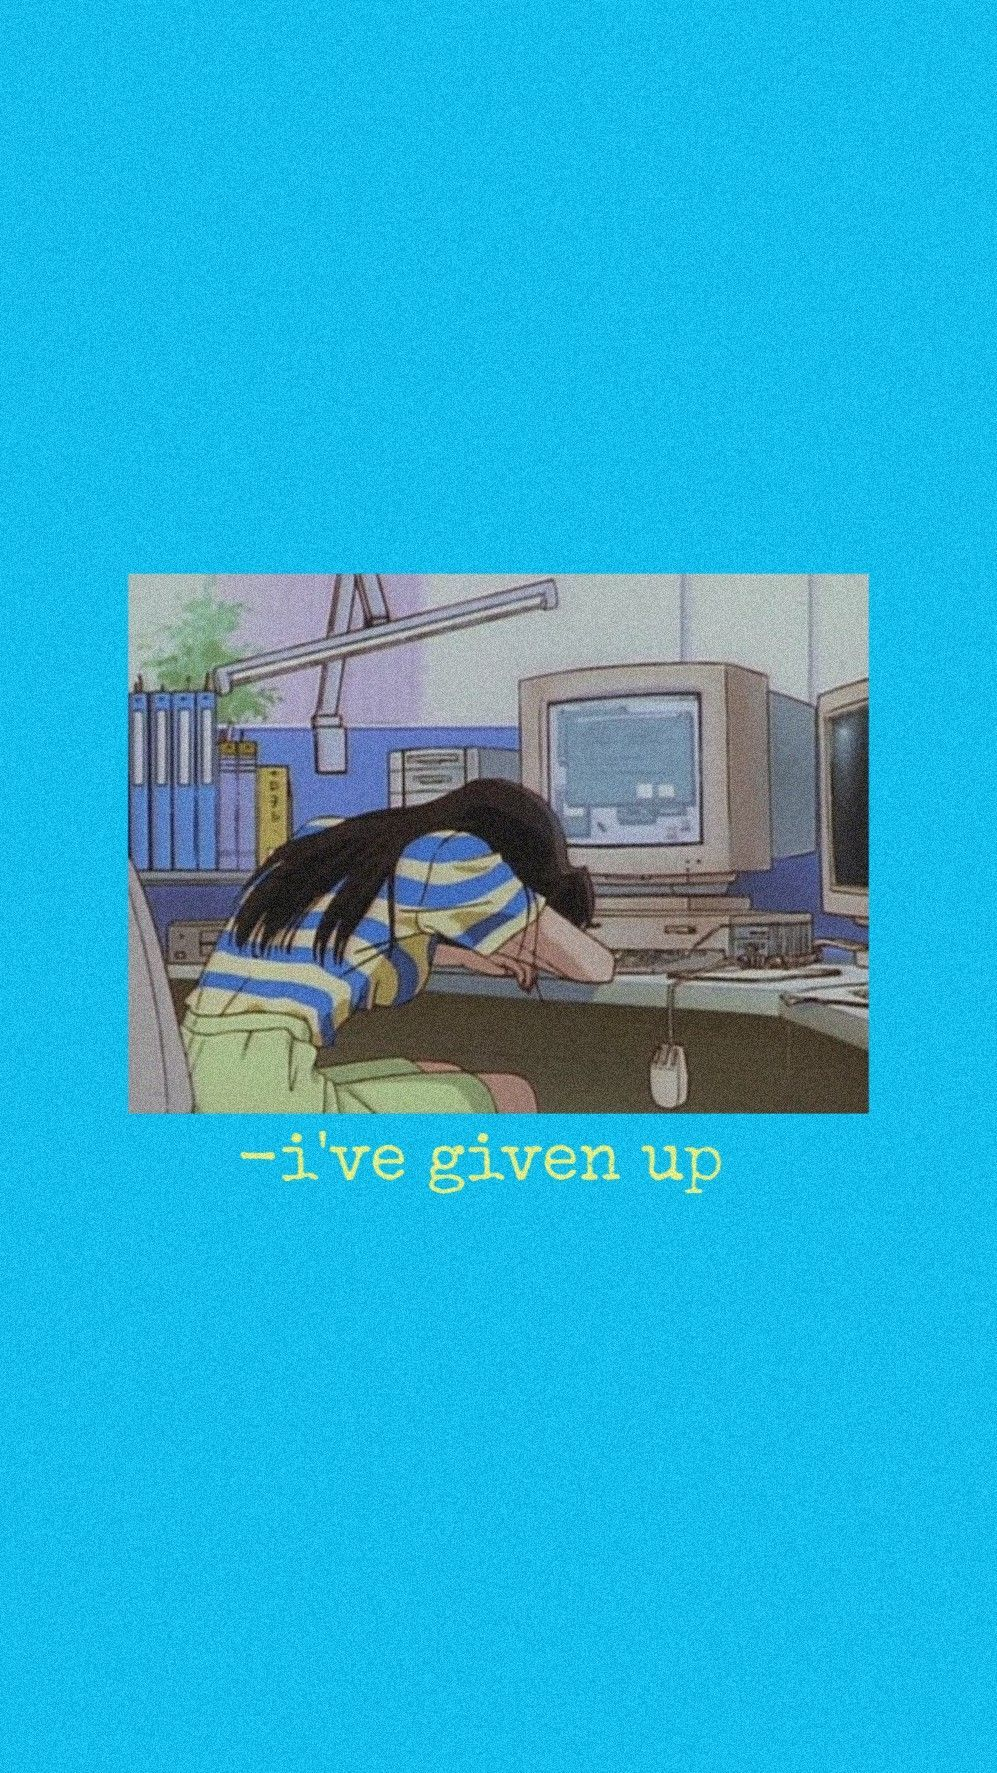 997x1773 Hình nền màu xanh lam Aesthetic Anime